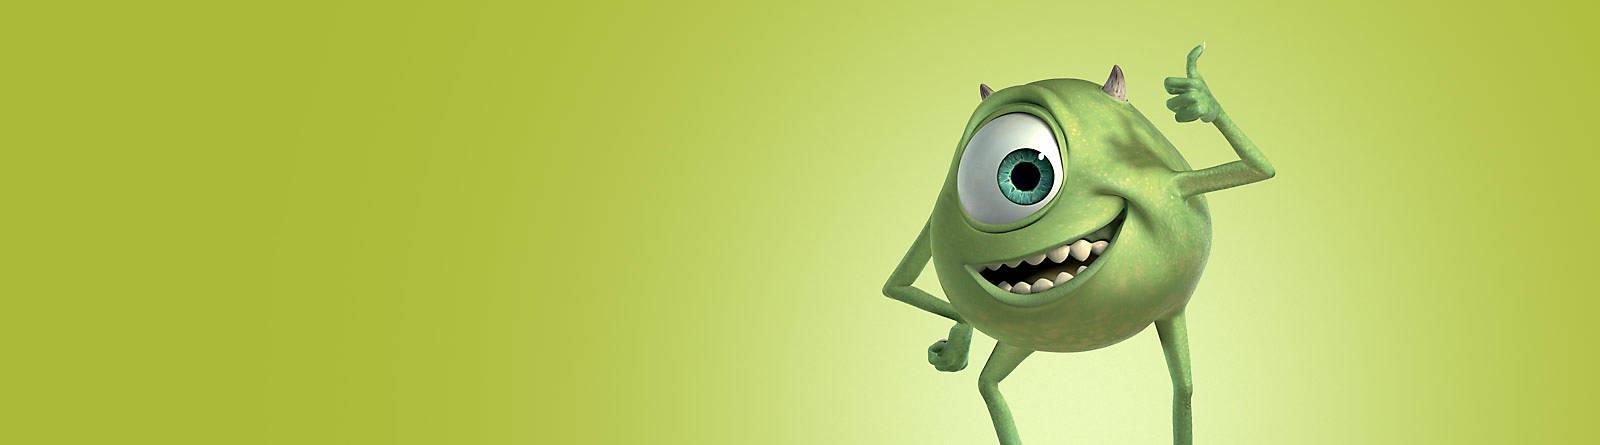 Mike Entdecke unsere wunderbare Auswahl an Fanartikeln mit Mike von Monsters Inc. Finde Kuscheltiere, Kostüme, Kleidung, Taschen, DVDs & mehr.